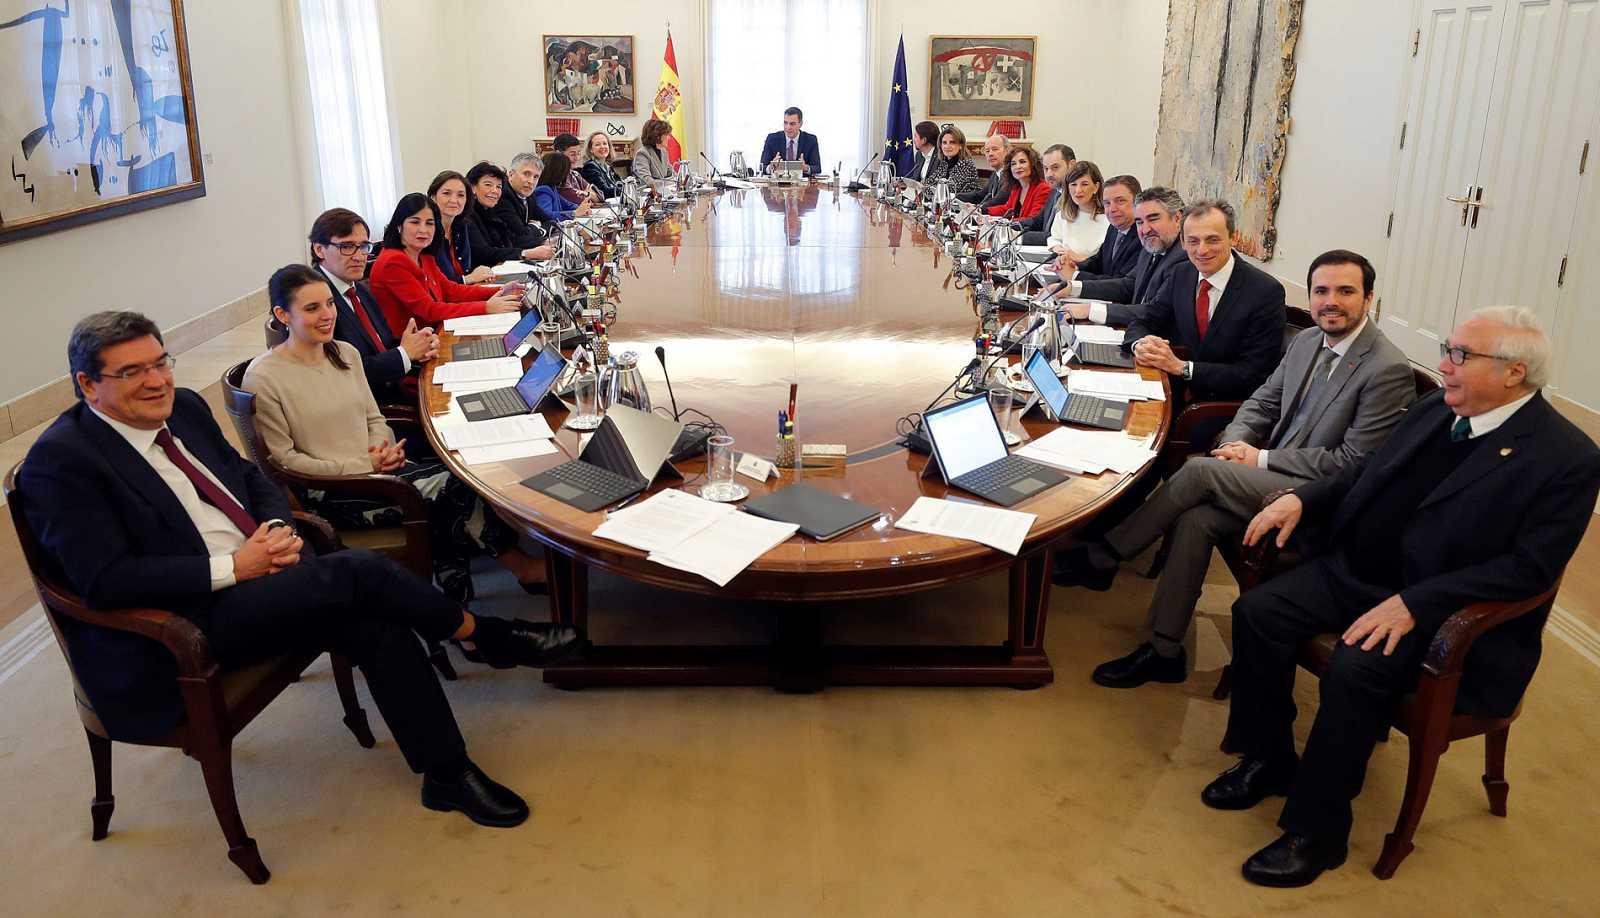 Los miembros del Ejecutivo alrededor de la mesa del Consejo de Ministros.